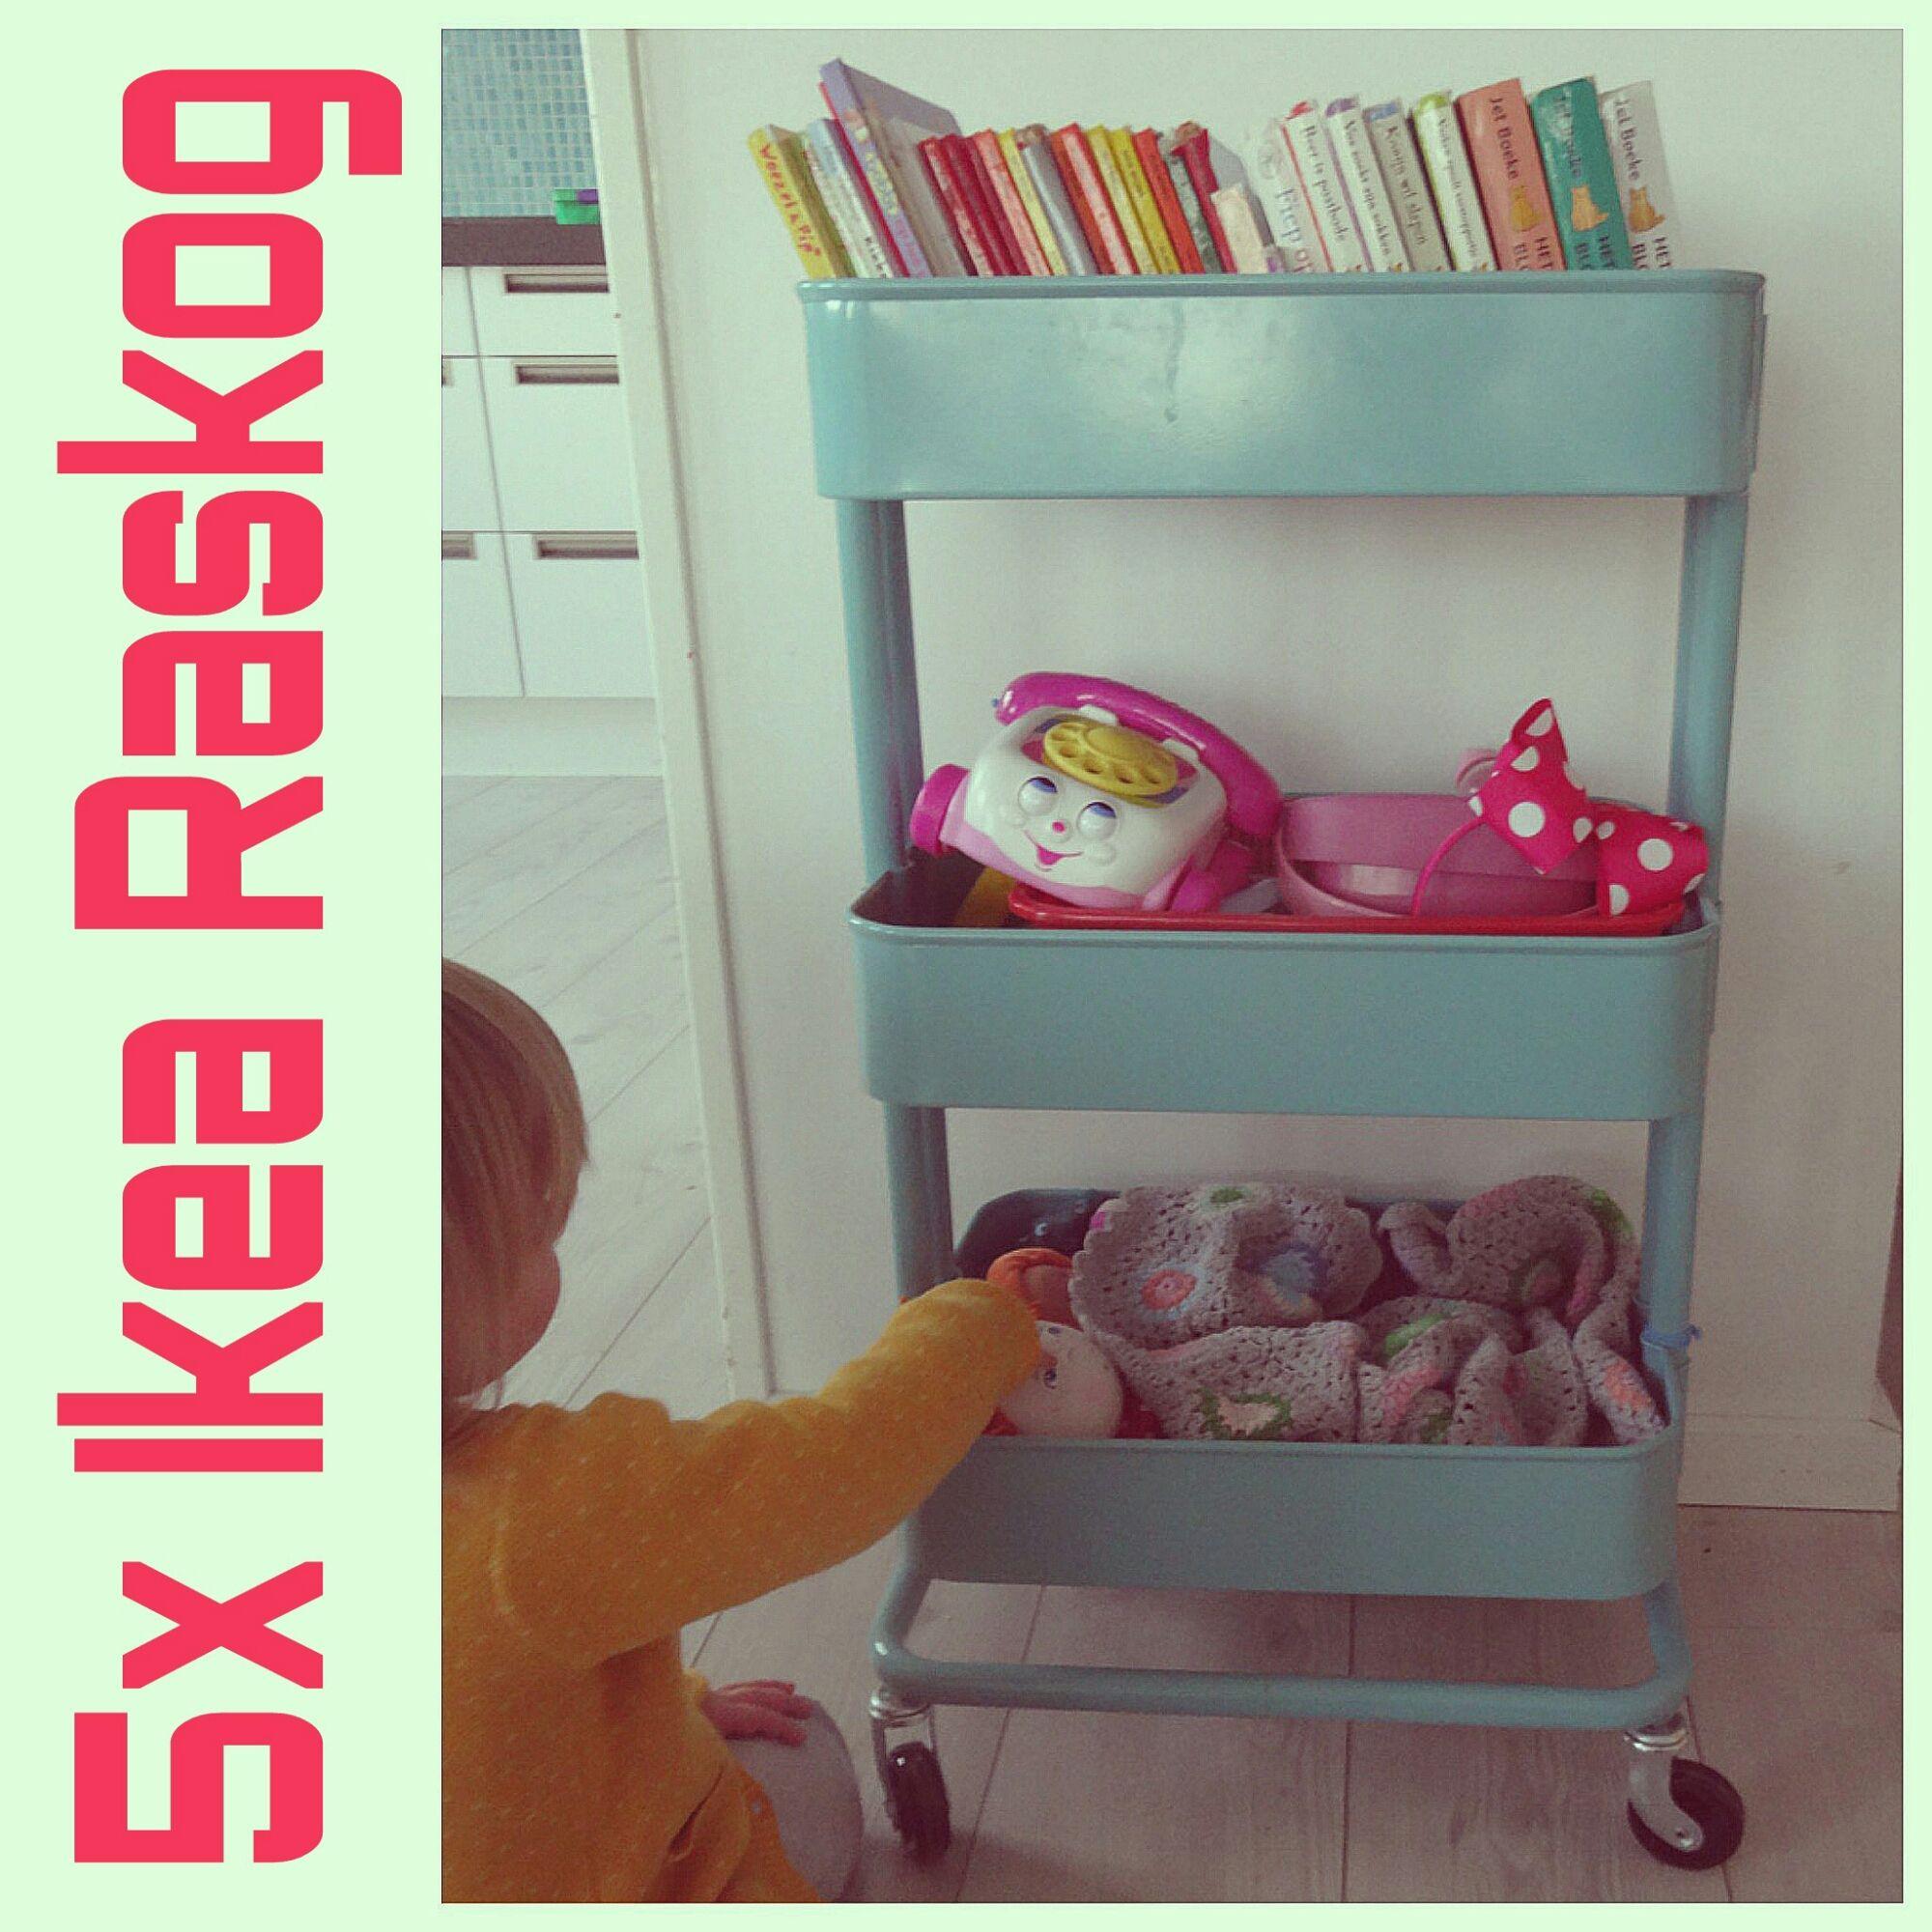 Wat Je Allemaal Kunt Doen Met Dat Leuke Rolkarretje Van Ikea Vijf Ideeen Voor